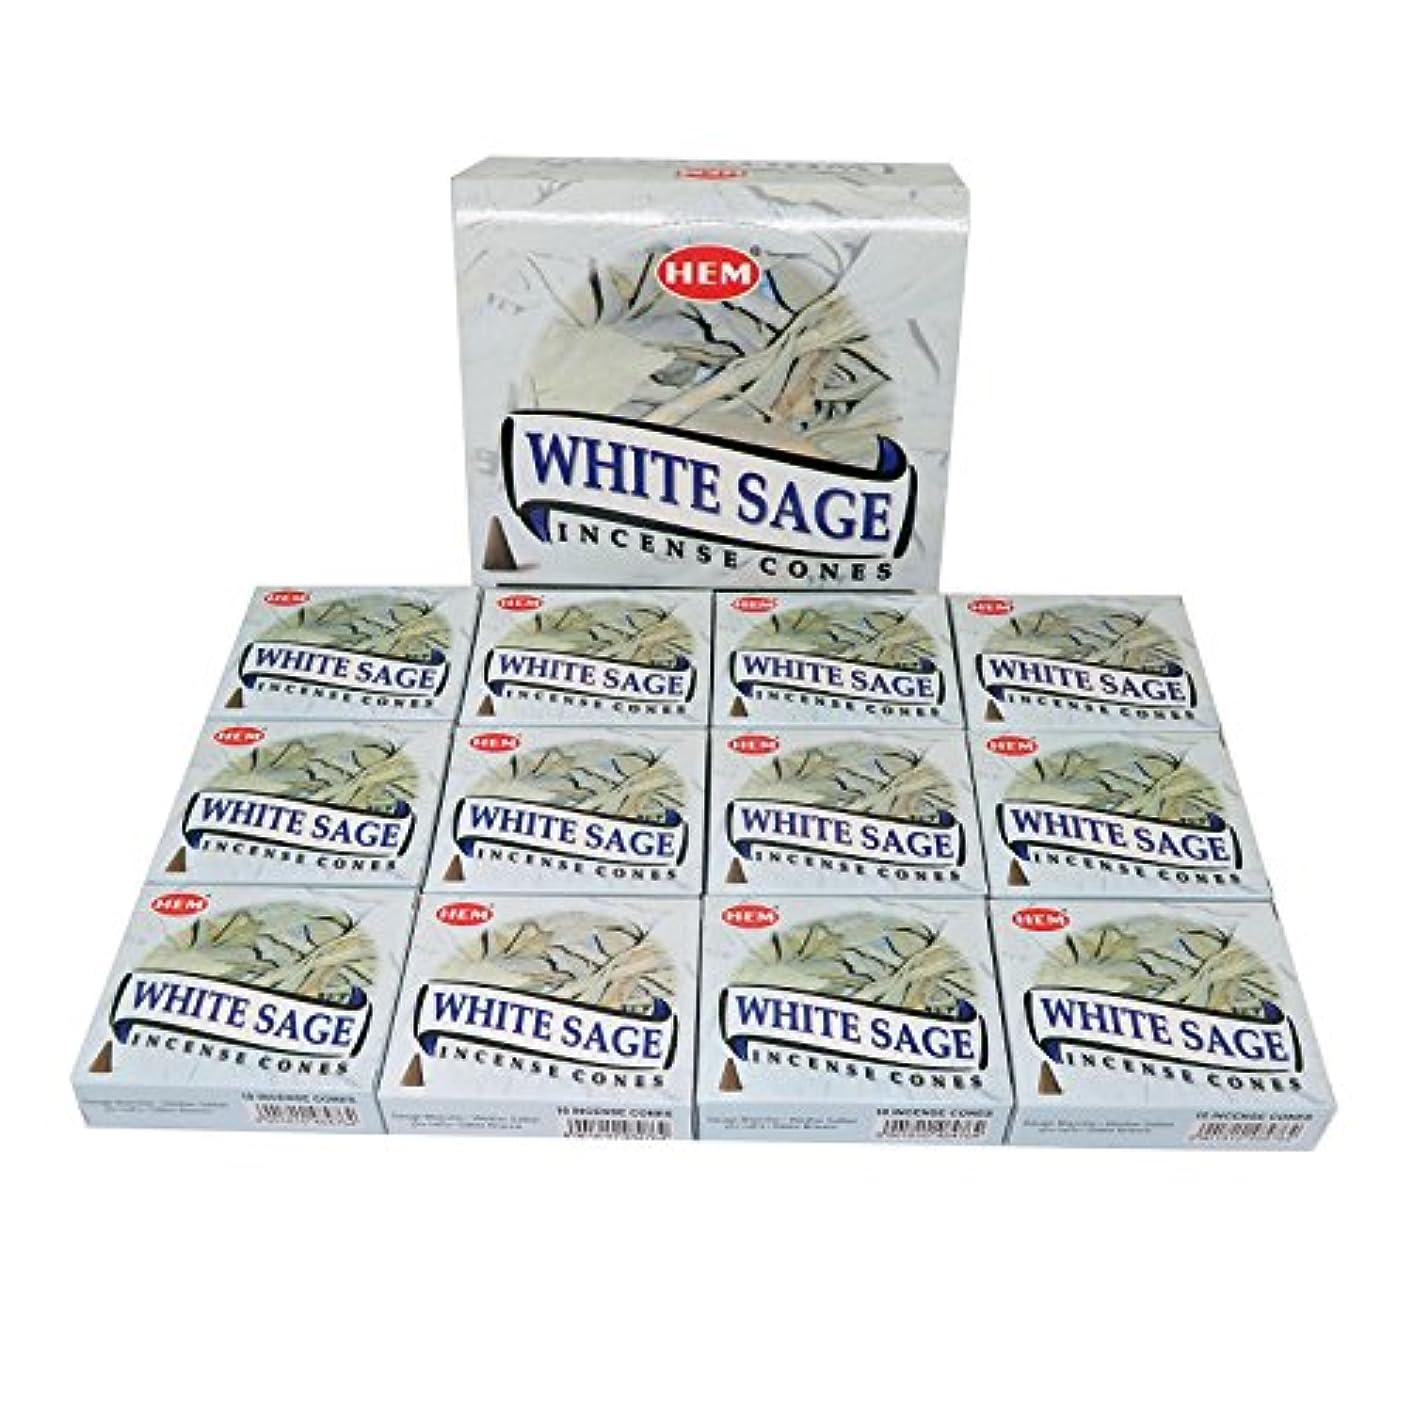 事業内容お酒個人的にHEM社 インド製 コーンタイプ香 1ケース12箱入 (ホワイトセージ)